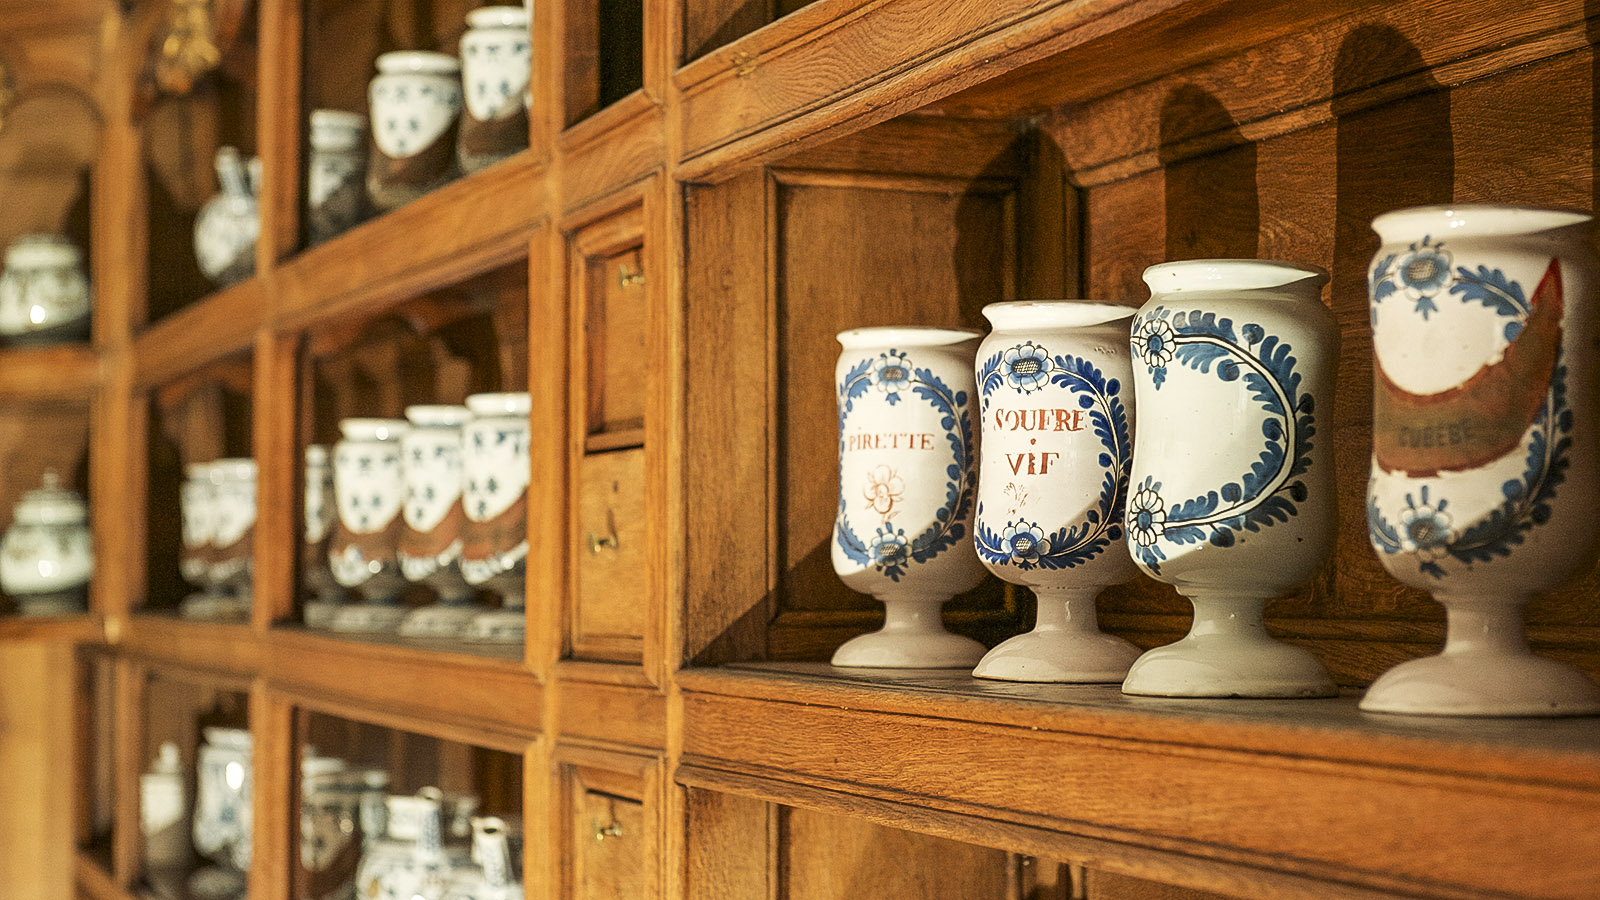 Charleville-Mézières: die Apotheke mit ihren Arzneien. Foto: Hilke Maunder